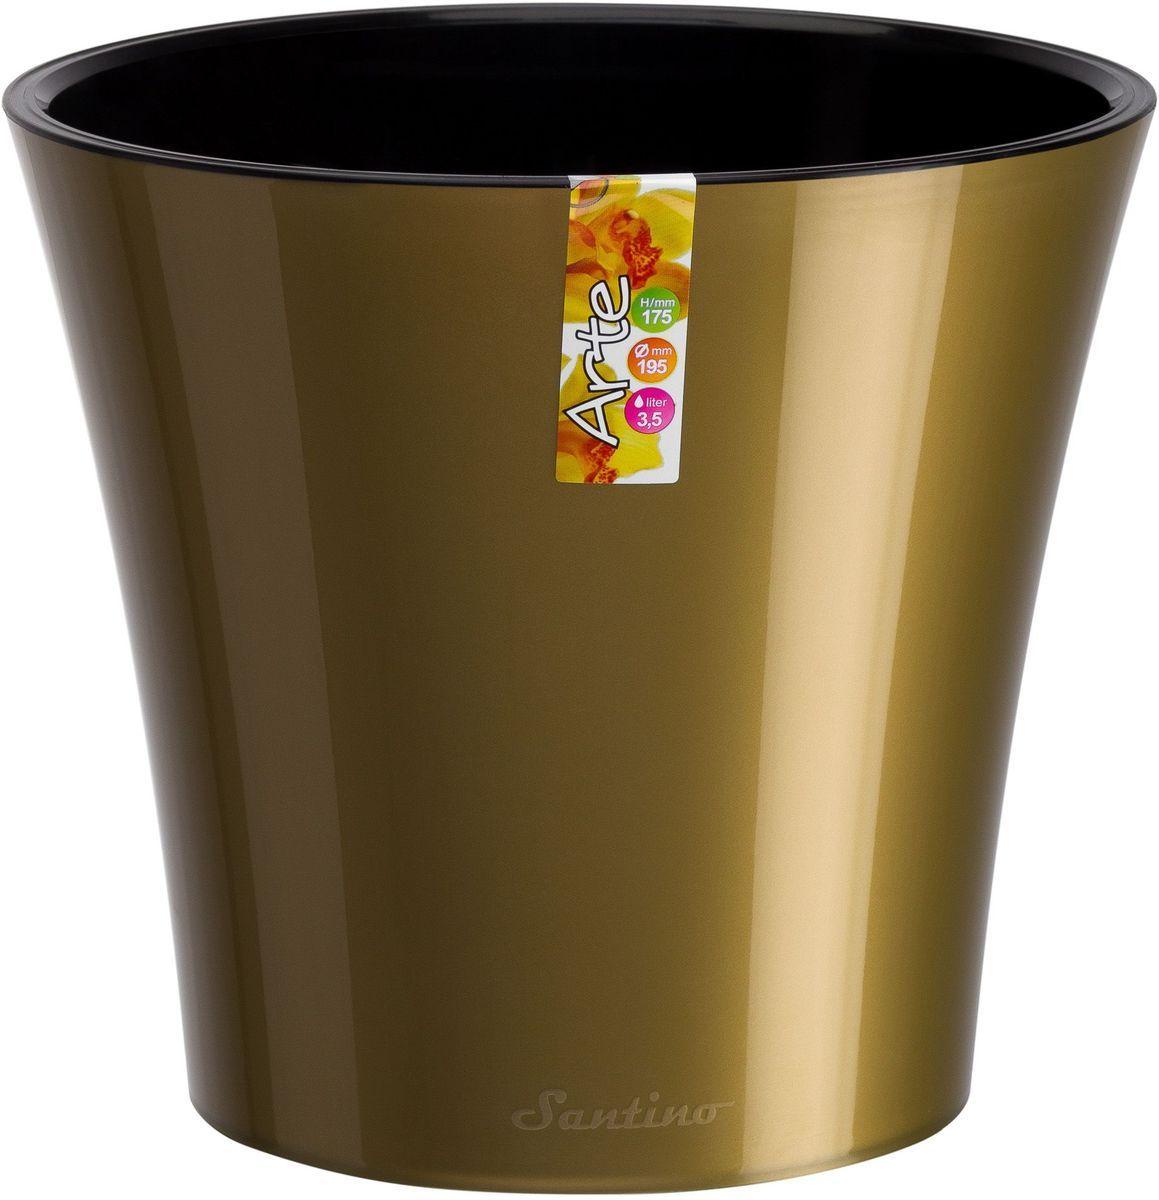 Горшок цветочный Santino Арте, двойной, с системой автополива, цвет: золотой, черный, 1,2 л531-401Горшок цветочный Santino Арте снабжен дренажной системой и состоит из кашпо и вазона-вкладыша. Изготовлен из пластика. Особенность: тарелочка или блюдце не нужны. Горшок предназначен для любых растений или цветов. Цветочный дренаж – это система, которая позволяет выводить лишнюю влагу через корневую систему цветка и слой почвы. Растение – это живой организм, следовательно, ему необходимо дышать. В доступе к кислороду нуждаются все части растения: -листья; -корневая система. Если цветовод по какой-либо причине зальет цветок водой, то она буквально вытеснит из почвенного слоя все пузырьки кислорода. Анаэробная среда способствует развитию различного рода бактерий. Безвоздушная среда приводит к загниванию корневой системы, цветок в результате увядает. Суть работы дренажной системы заключается в том, чтобы осуществлять отвод лишней влаги от растения и давать возможность корневой системе дышать без проблем. Следовательно, каждому цветку необходимо: -иметь в основании цветочного горшочка хотя бы одно небольшое дренажное отверстие. Оно необходимо для того, чтобы через него выходила лишняя вода, плюс ко всему это отверстие дает возможность циркулировать воздух. -на самом дне горшка необходимо выложить слоем в 2-5 см (зависит от вида растения) дренаж.УВАЖАЕМЫЕ КЛИЕНТЫ!Обращаем ваше внимание на тот факт, что фото изделия служит для визуального восприятия товара. Литраж и размеры, представленные на этикетке товара, могут по факту отличаться от реальных. Корректные данные в поле Размеры.